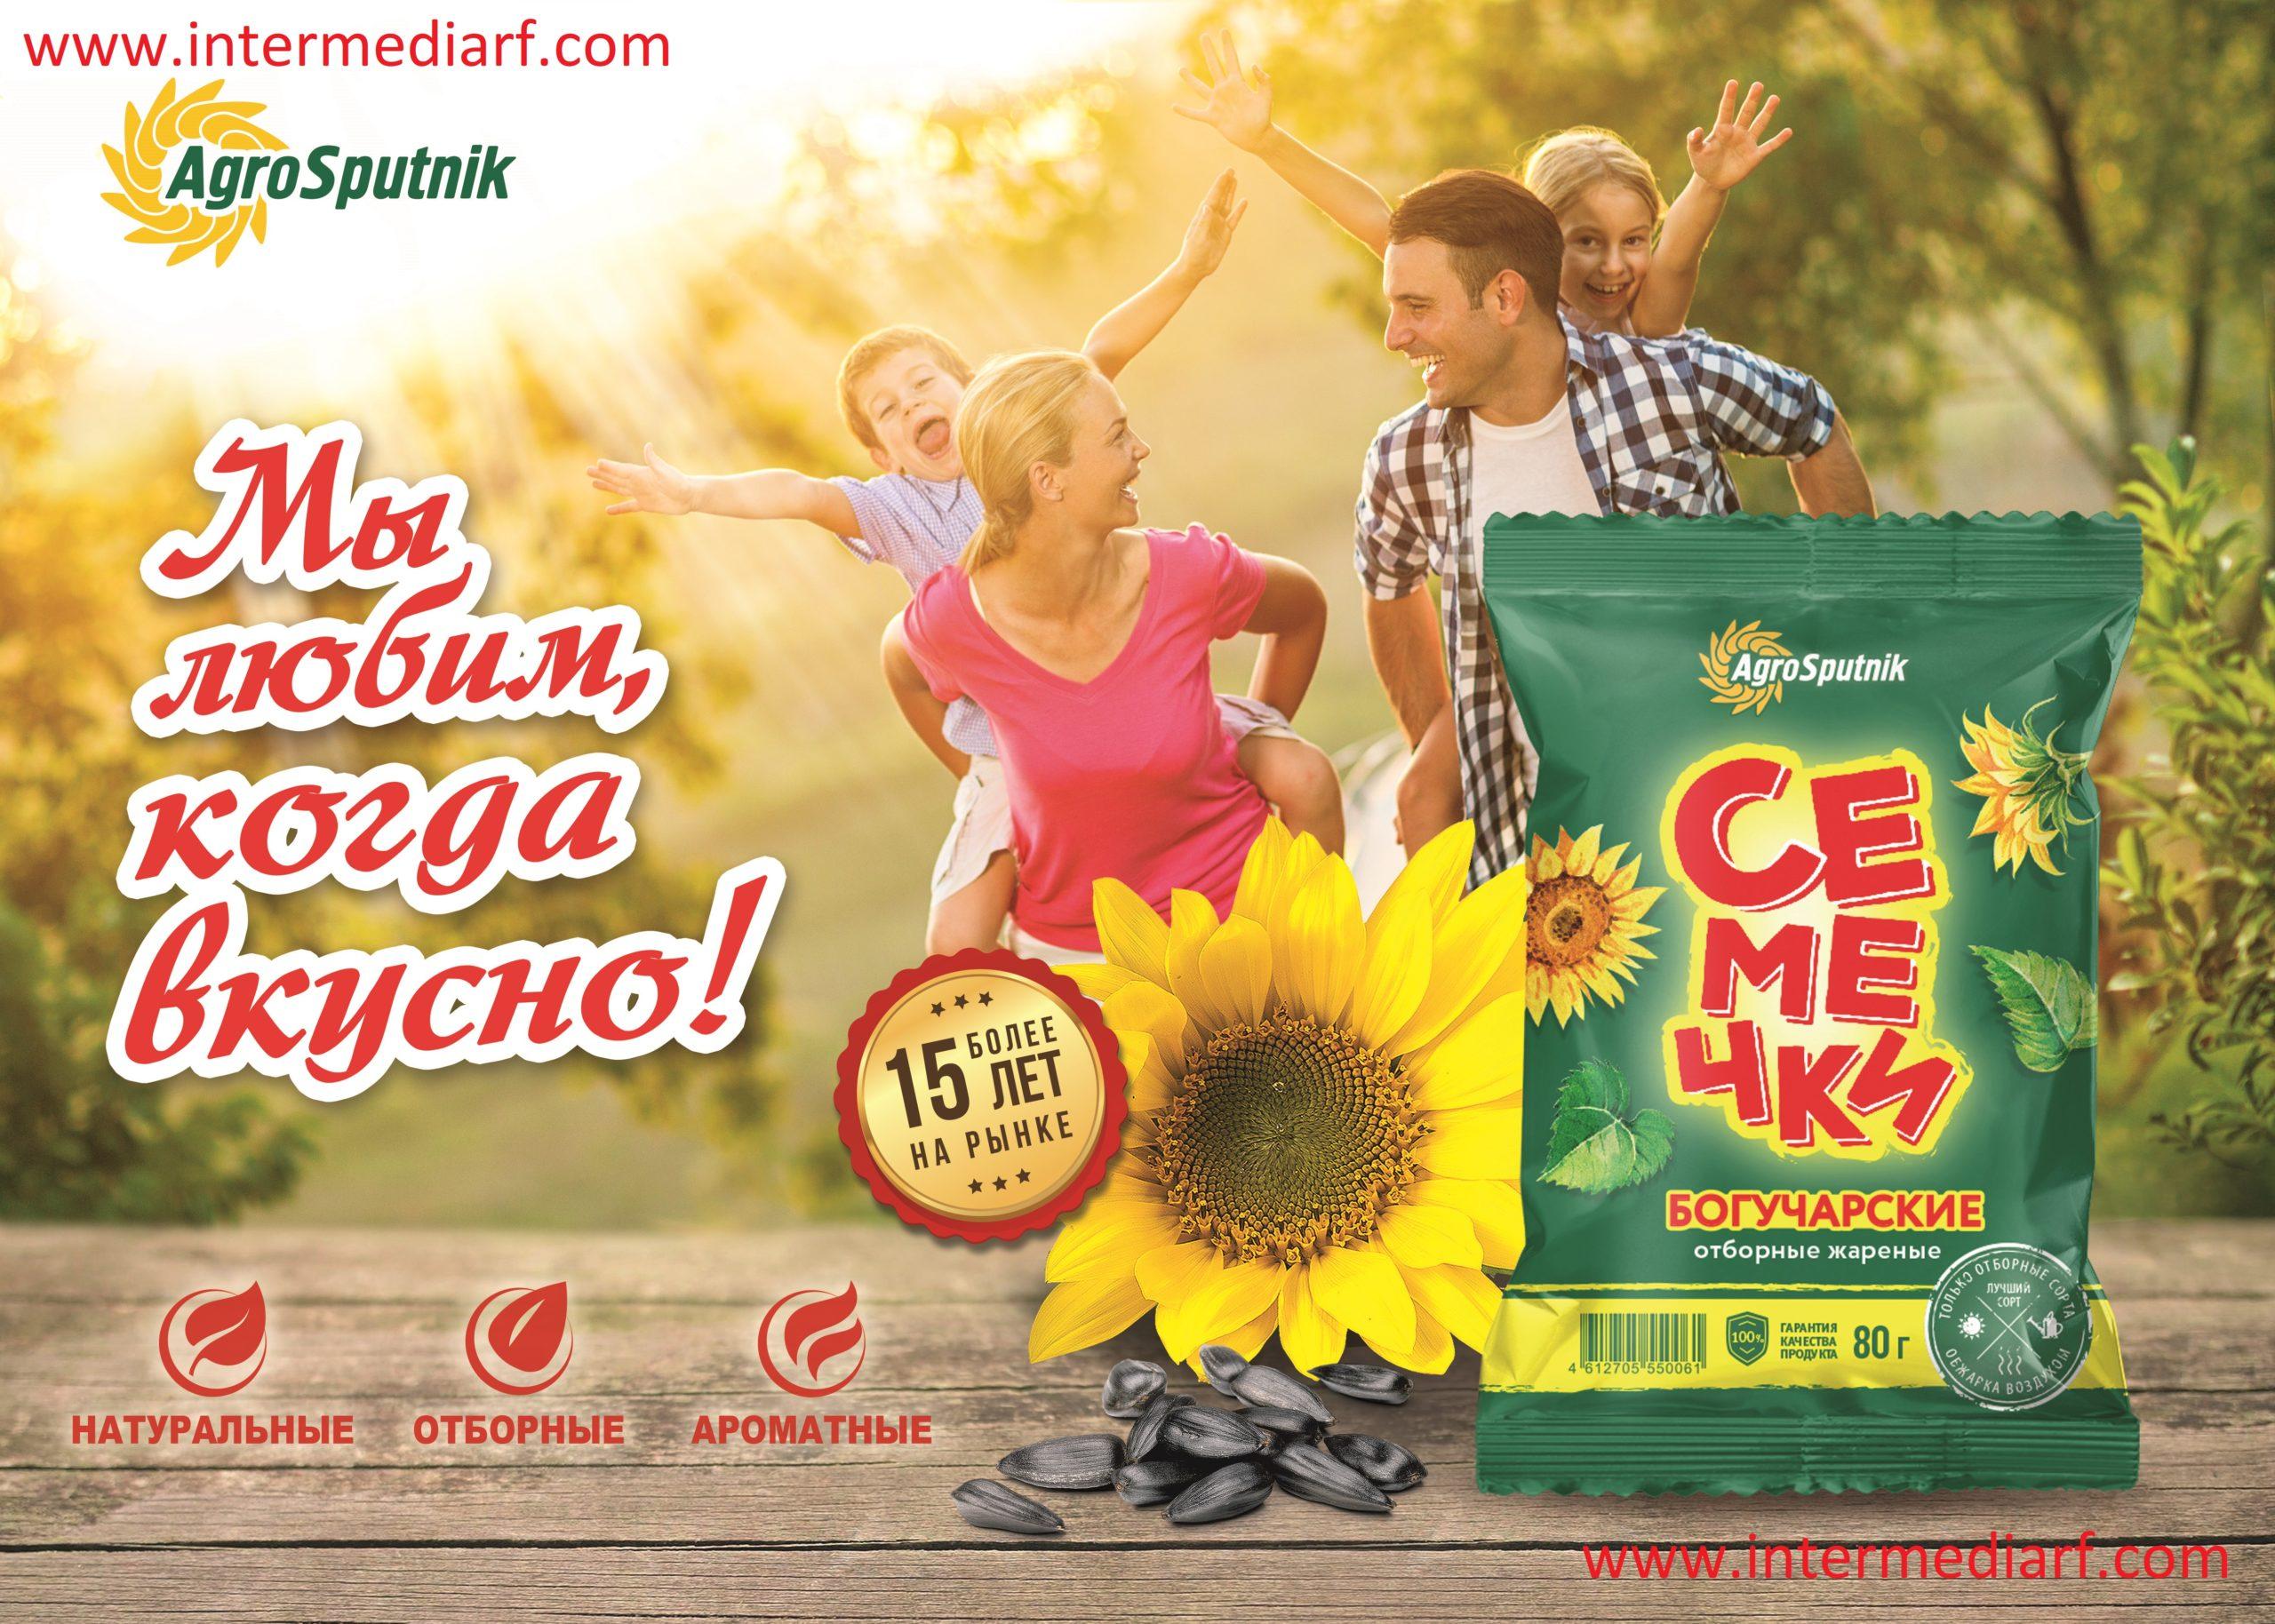 реклама семечек Богучарские ООО «Агро-Спутник» на стикерах в салоне общественноготранспорта в городеШахты